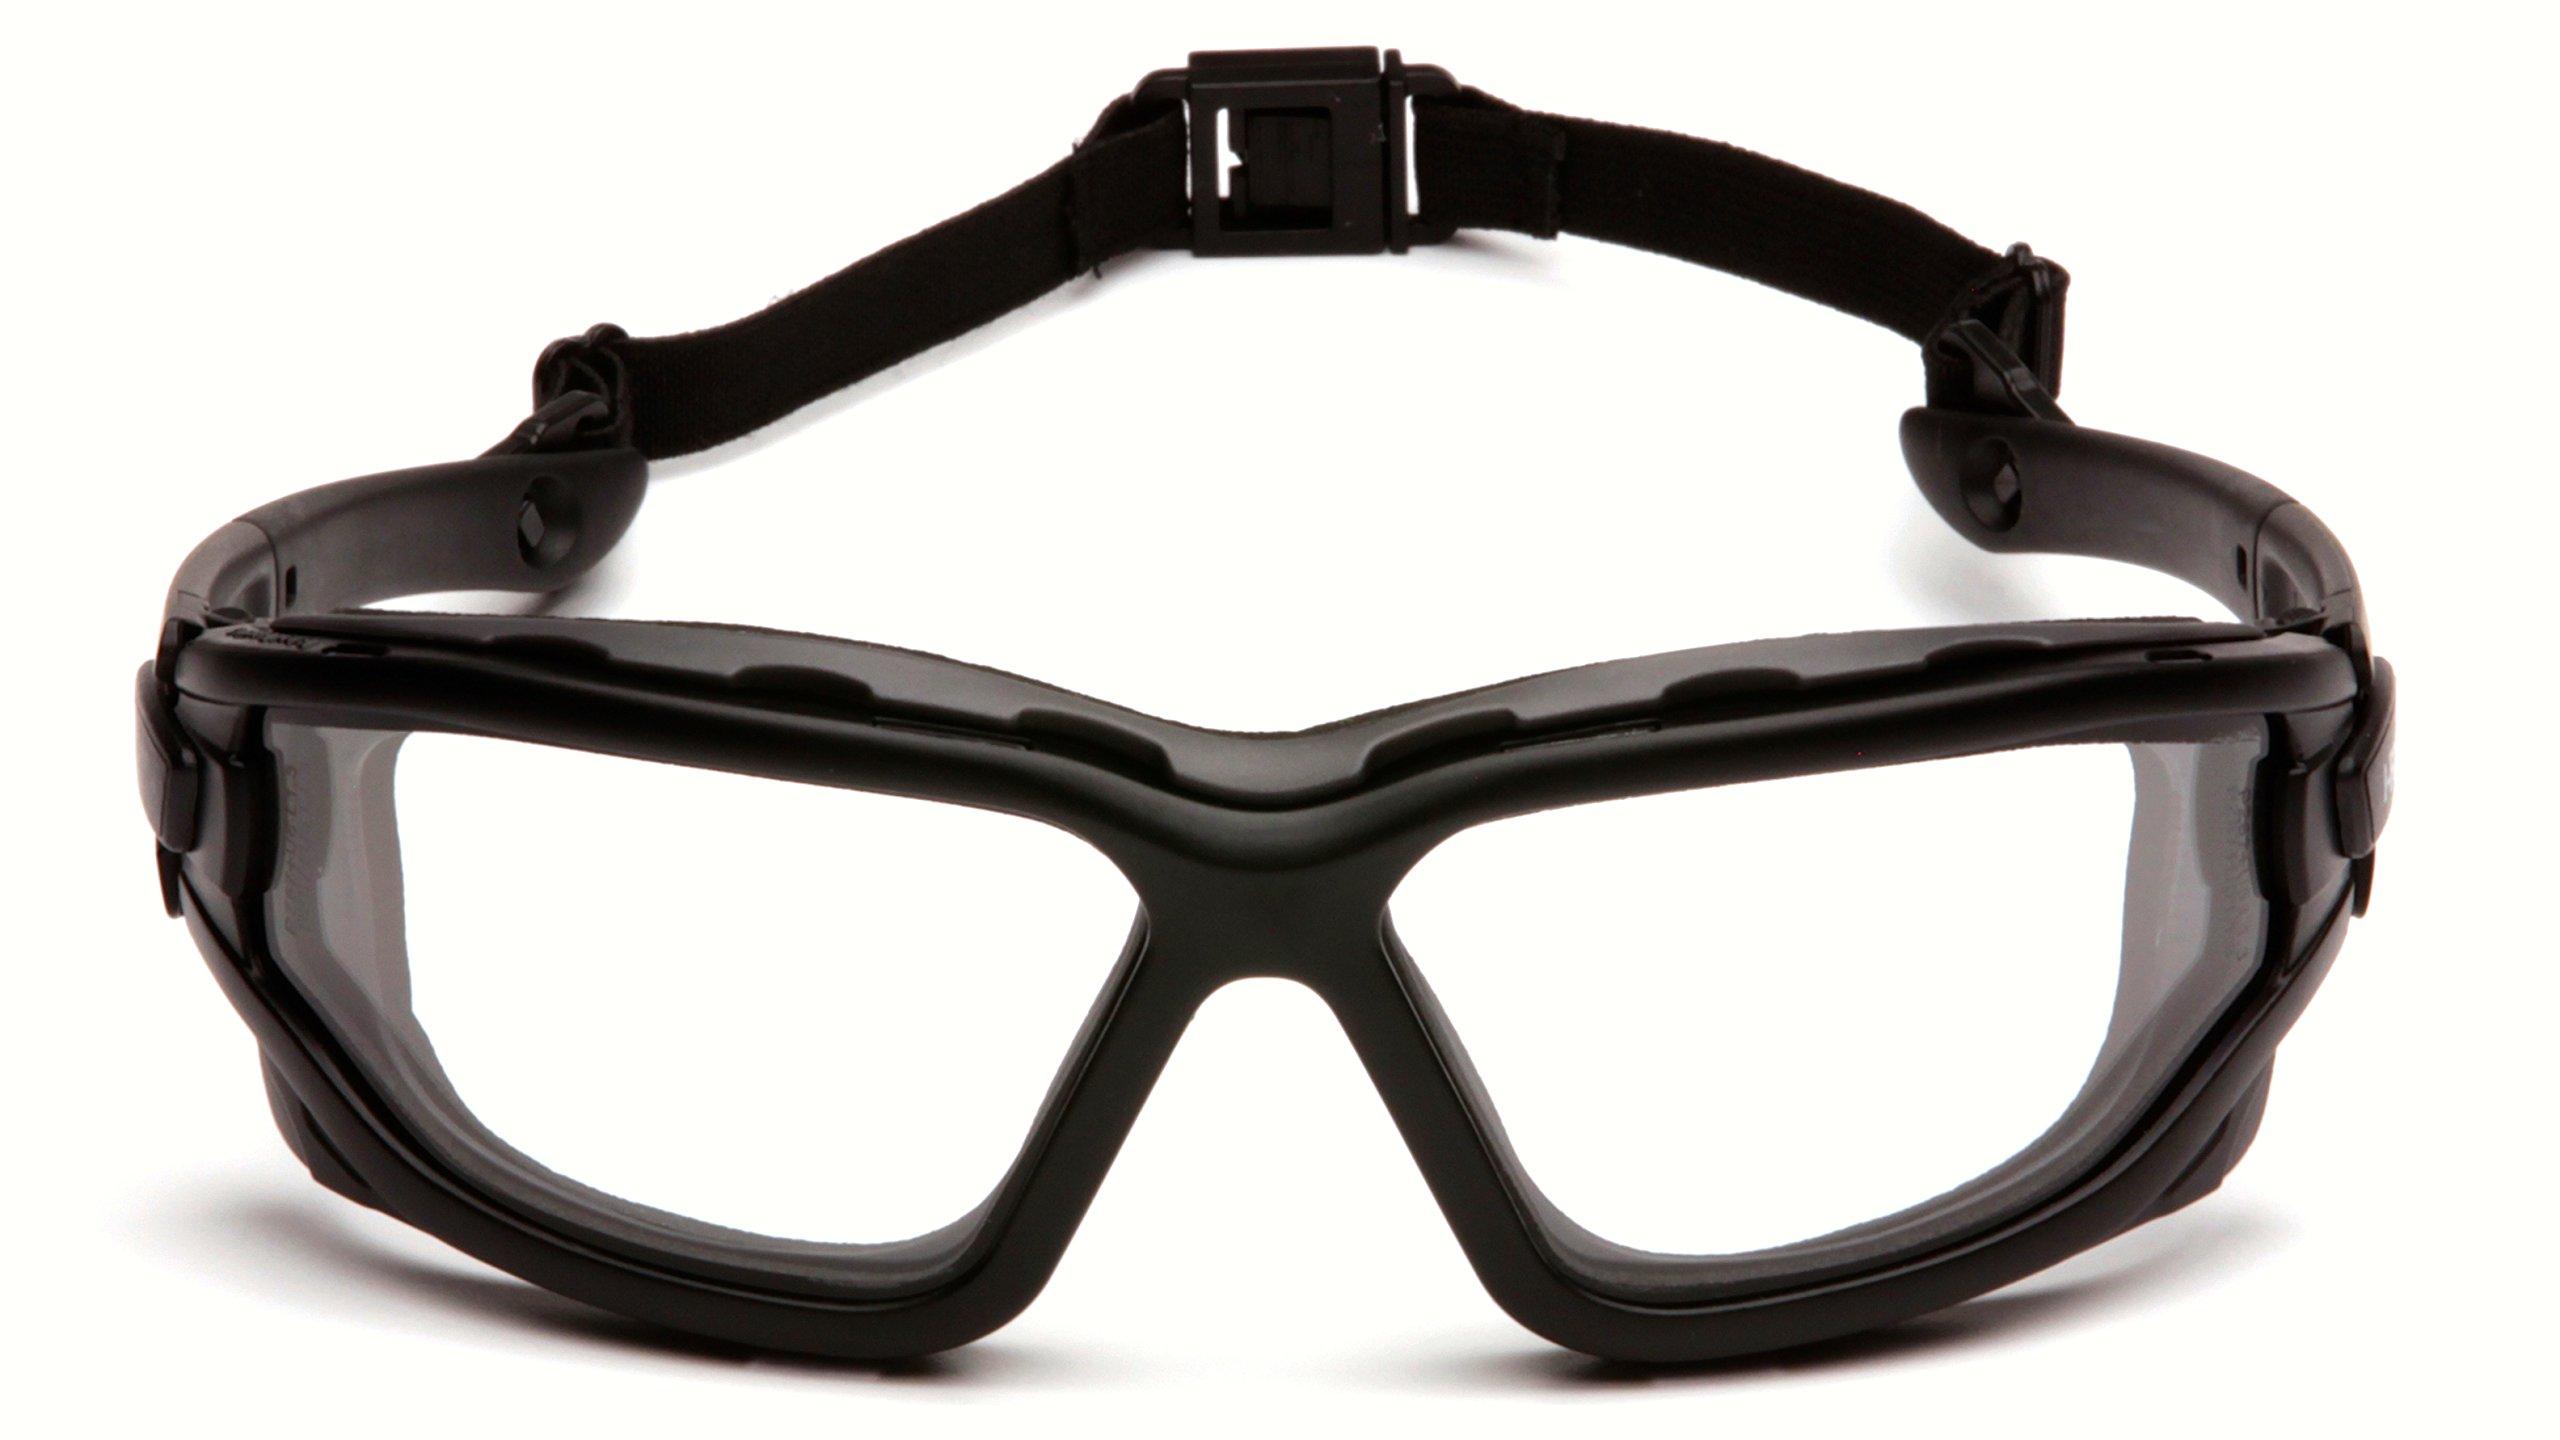 Pyramex I-Force Sporty Dual Pane  Anti-Fog Goggle, Black Frame/Clear Anti-Fog Lens by Pyramex Safety (Image #4)